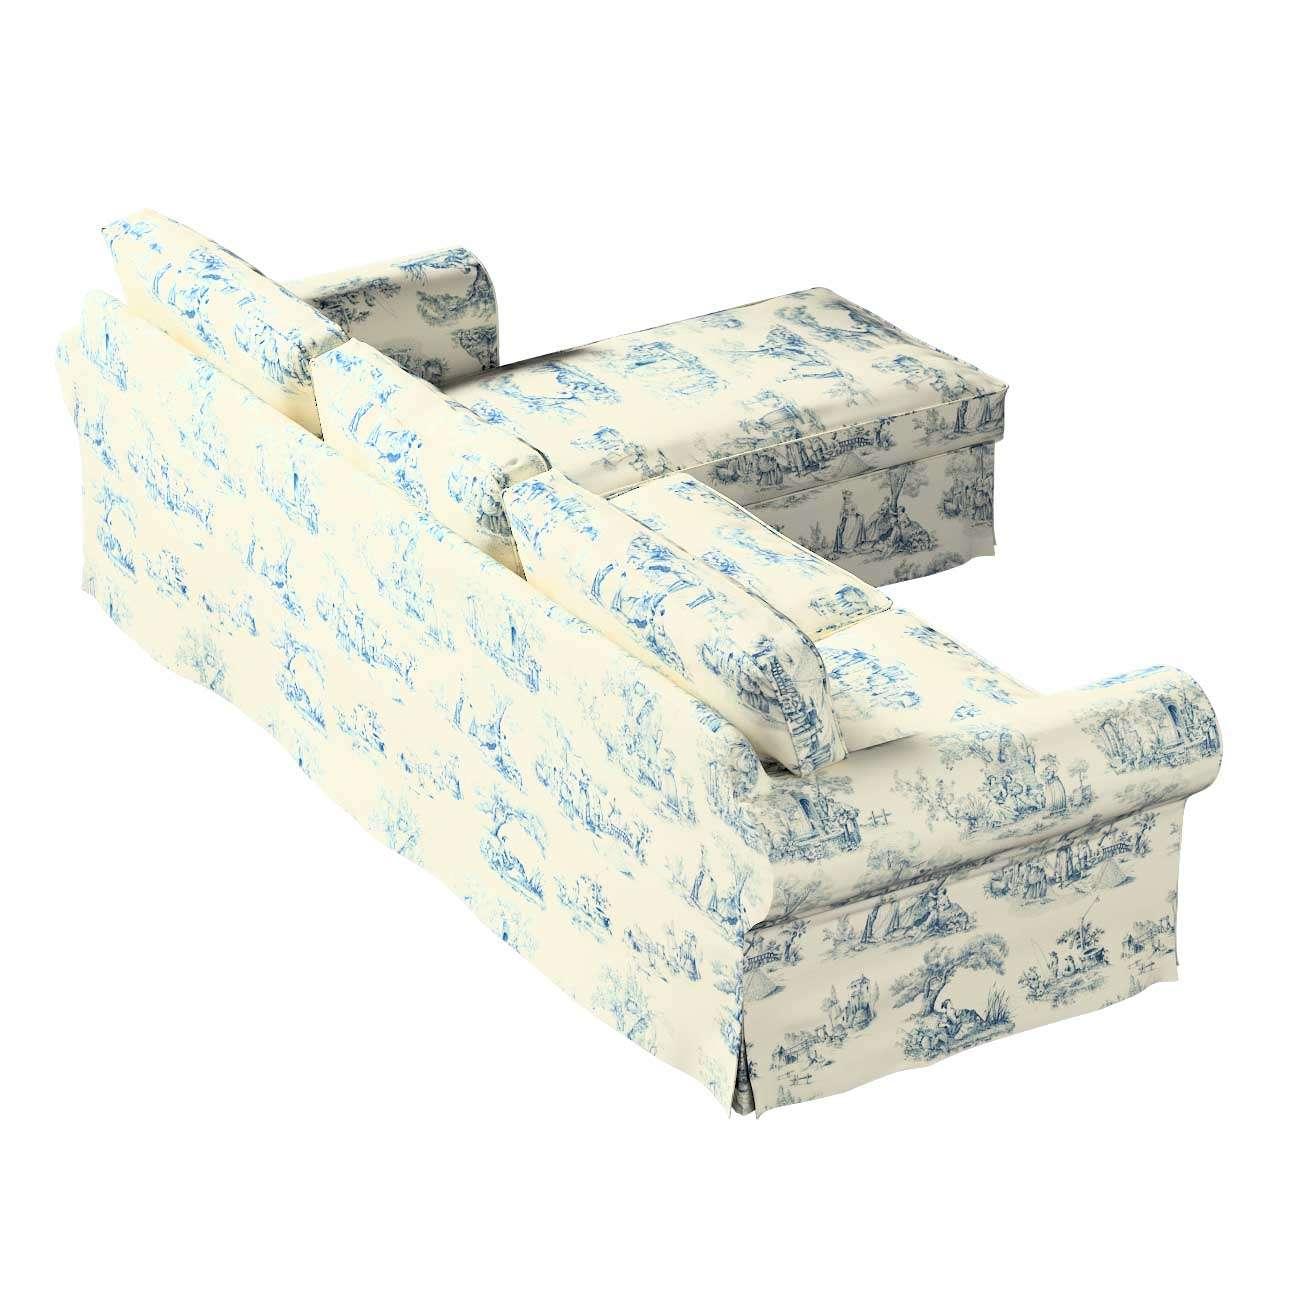 Pokrowiec na sofę Ektorp 2-osobową i leżankę sofa ektorp 2-os. i leżanka w kolekcji Avinon, tkanina: 132-66